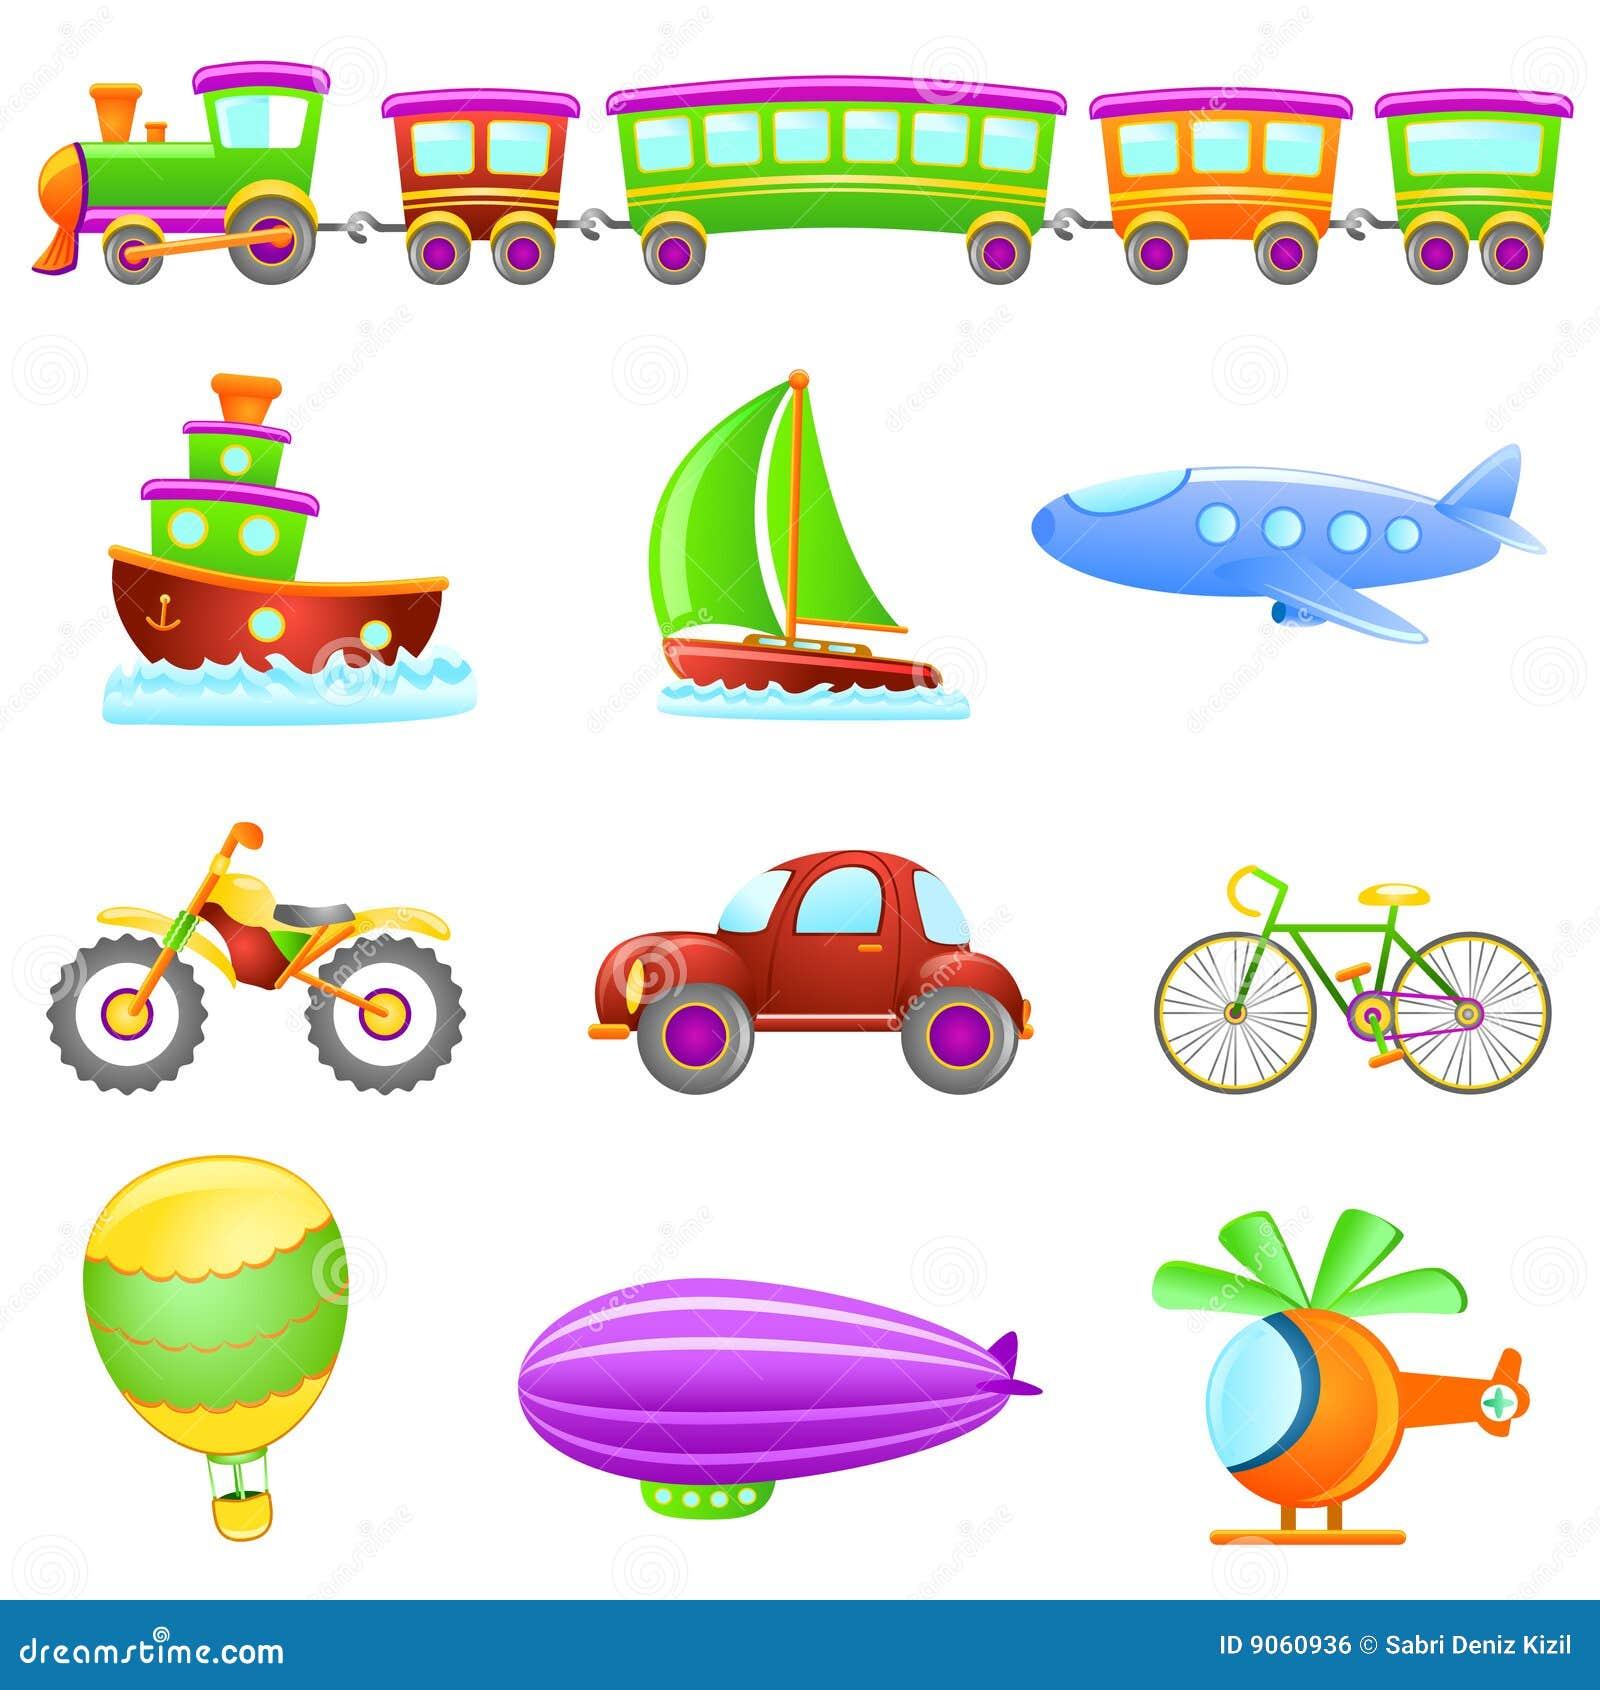 Vecteur de transport de dessin anim image libre de droits image 9060936 - Dessin de transport ...